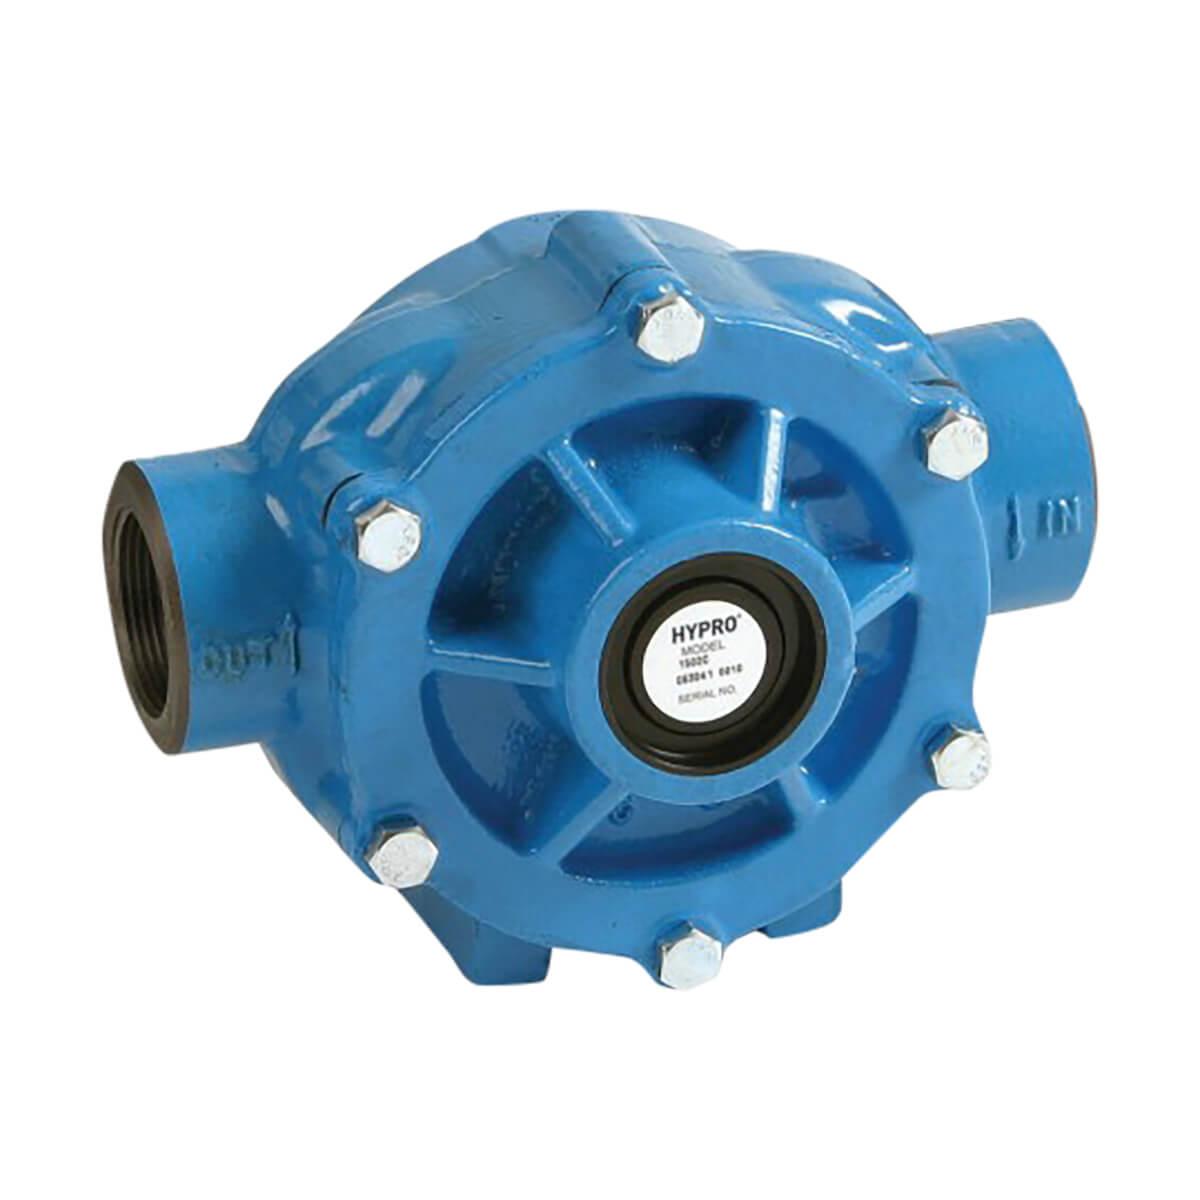 Pump Hypro Rlr JB 1502C